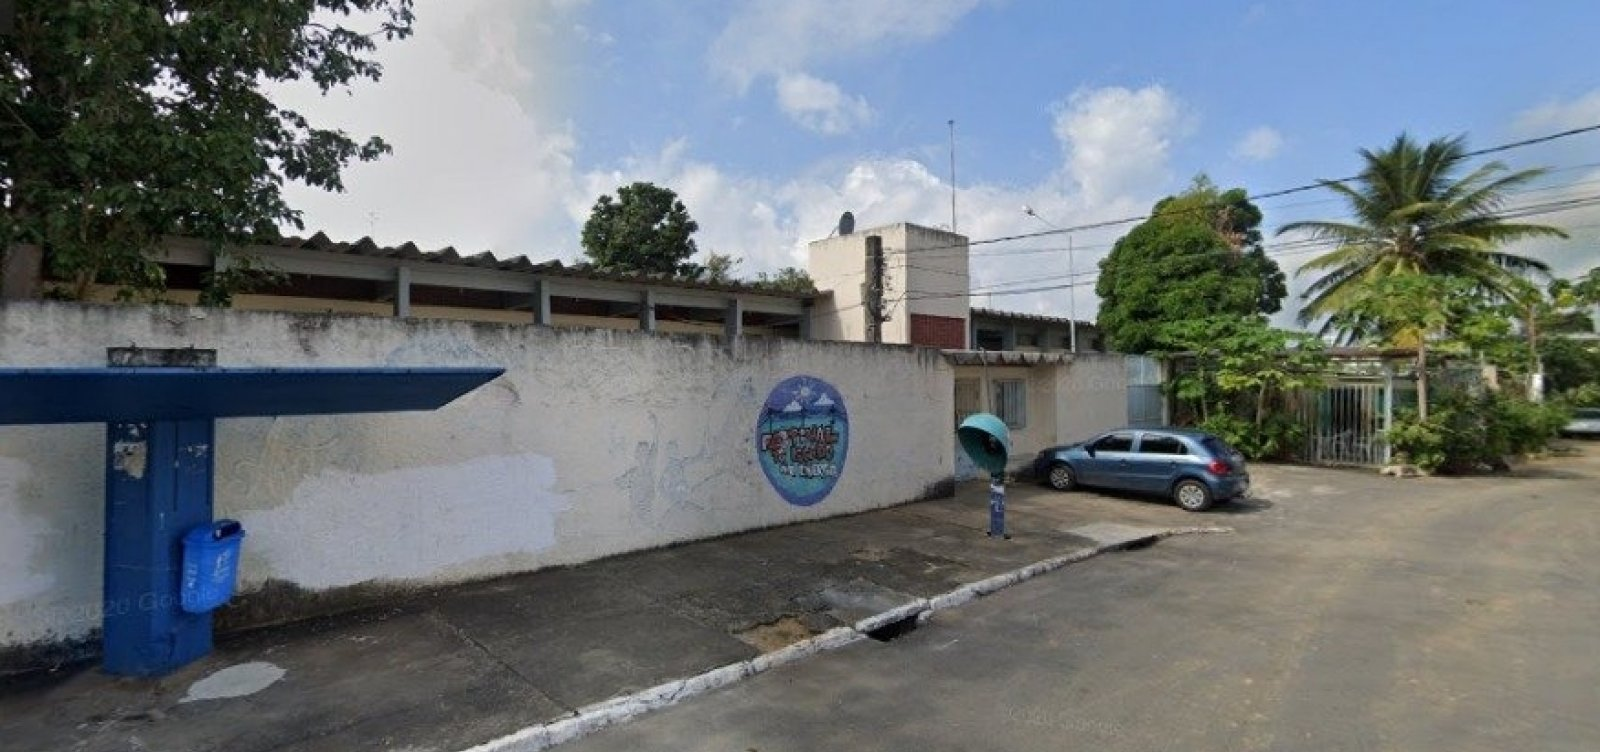 Bandidos furtam tablets, notebooks, instrumentos musicais e fiação elétrica de escola no Resgate